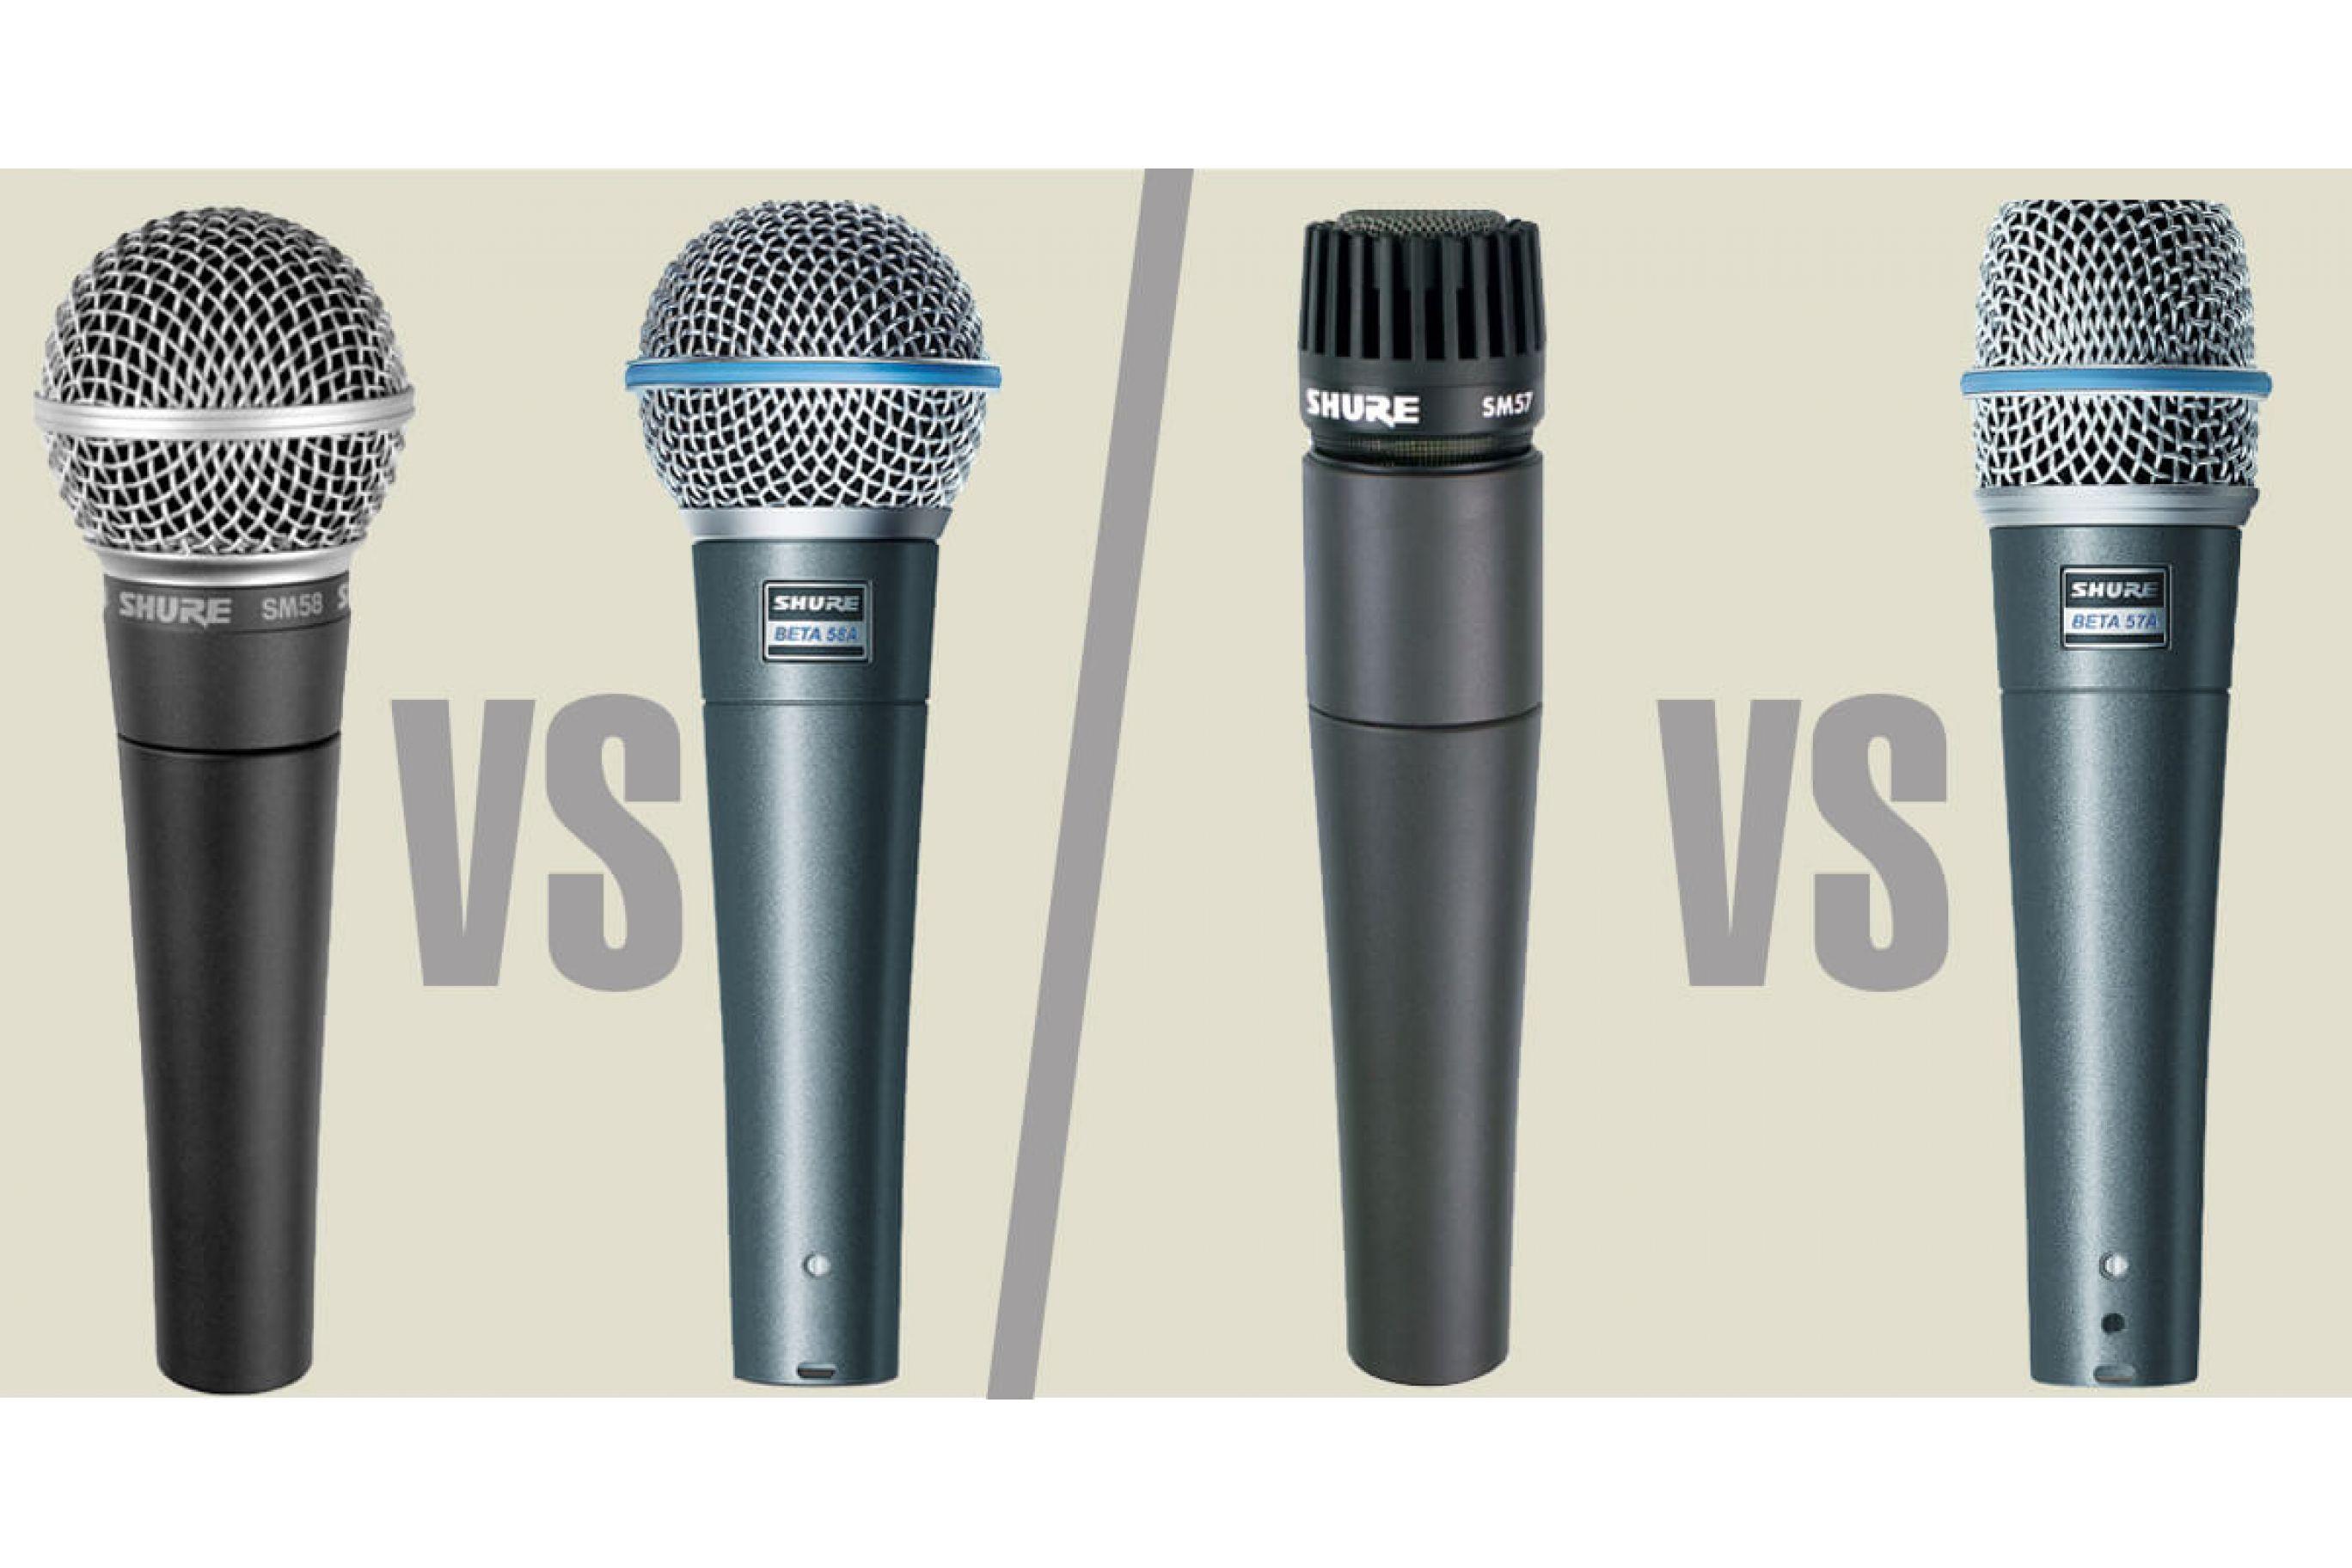 Shure Microfono confronto modelli